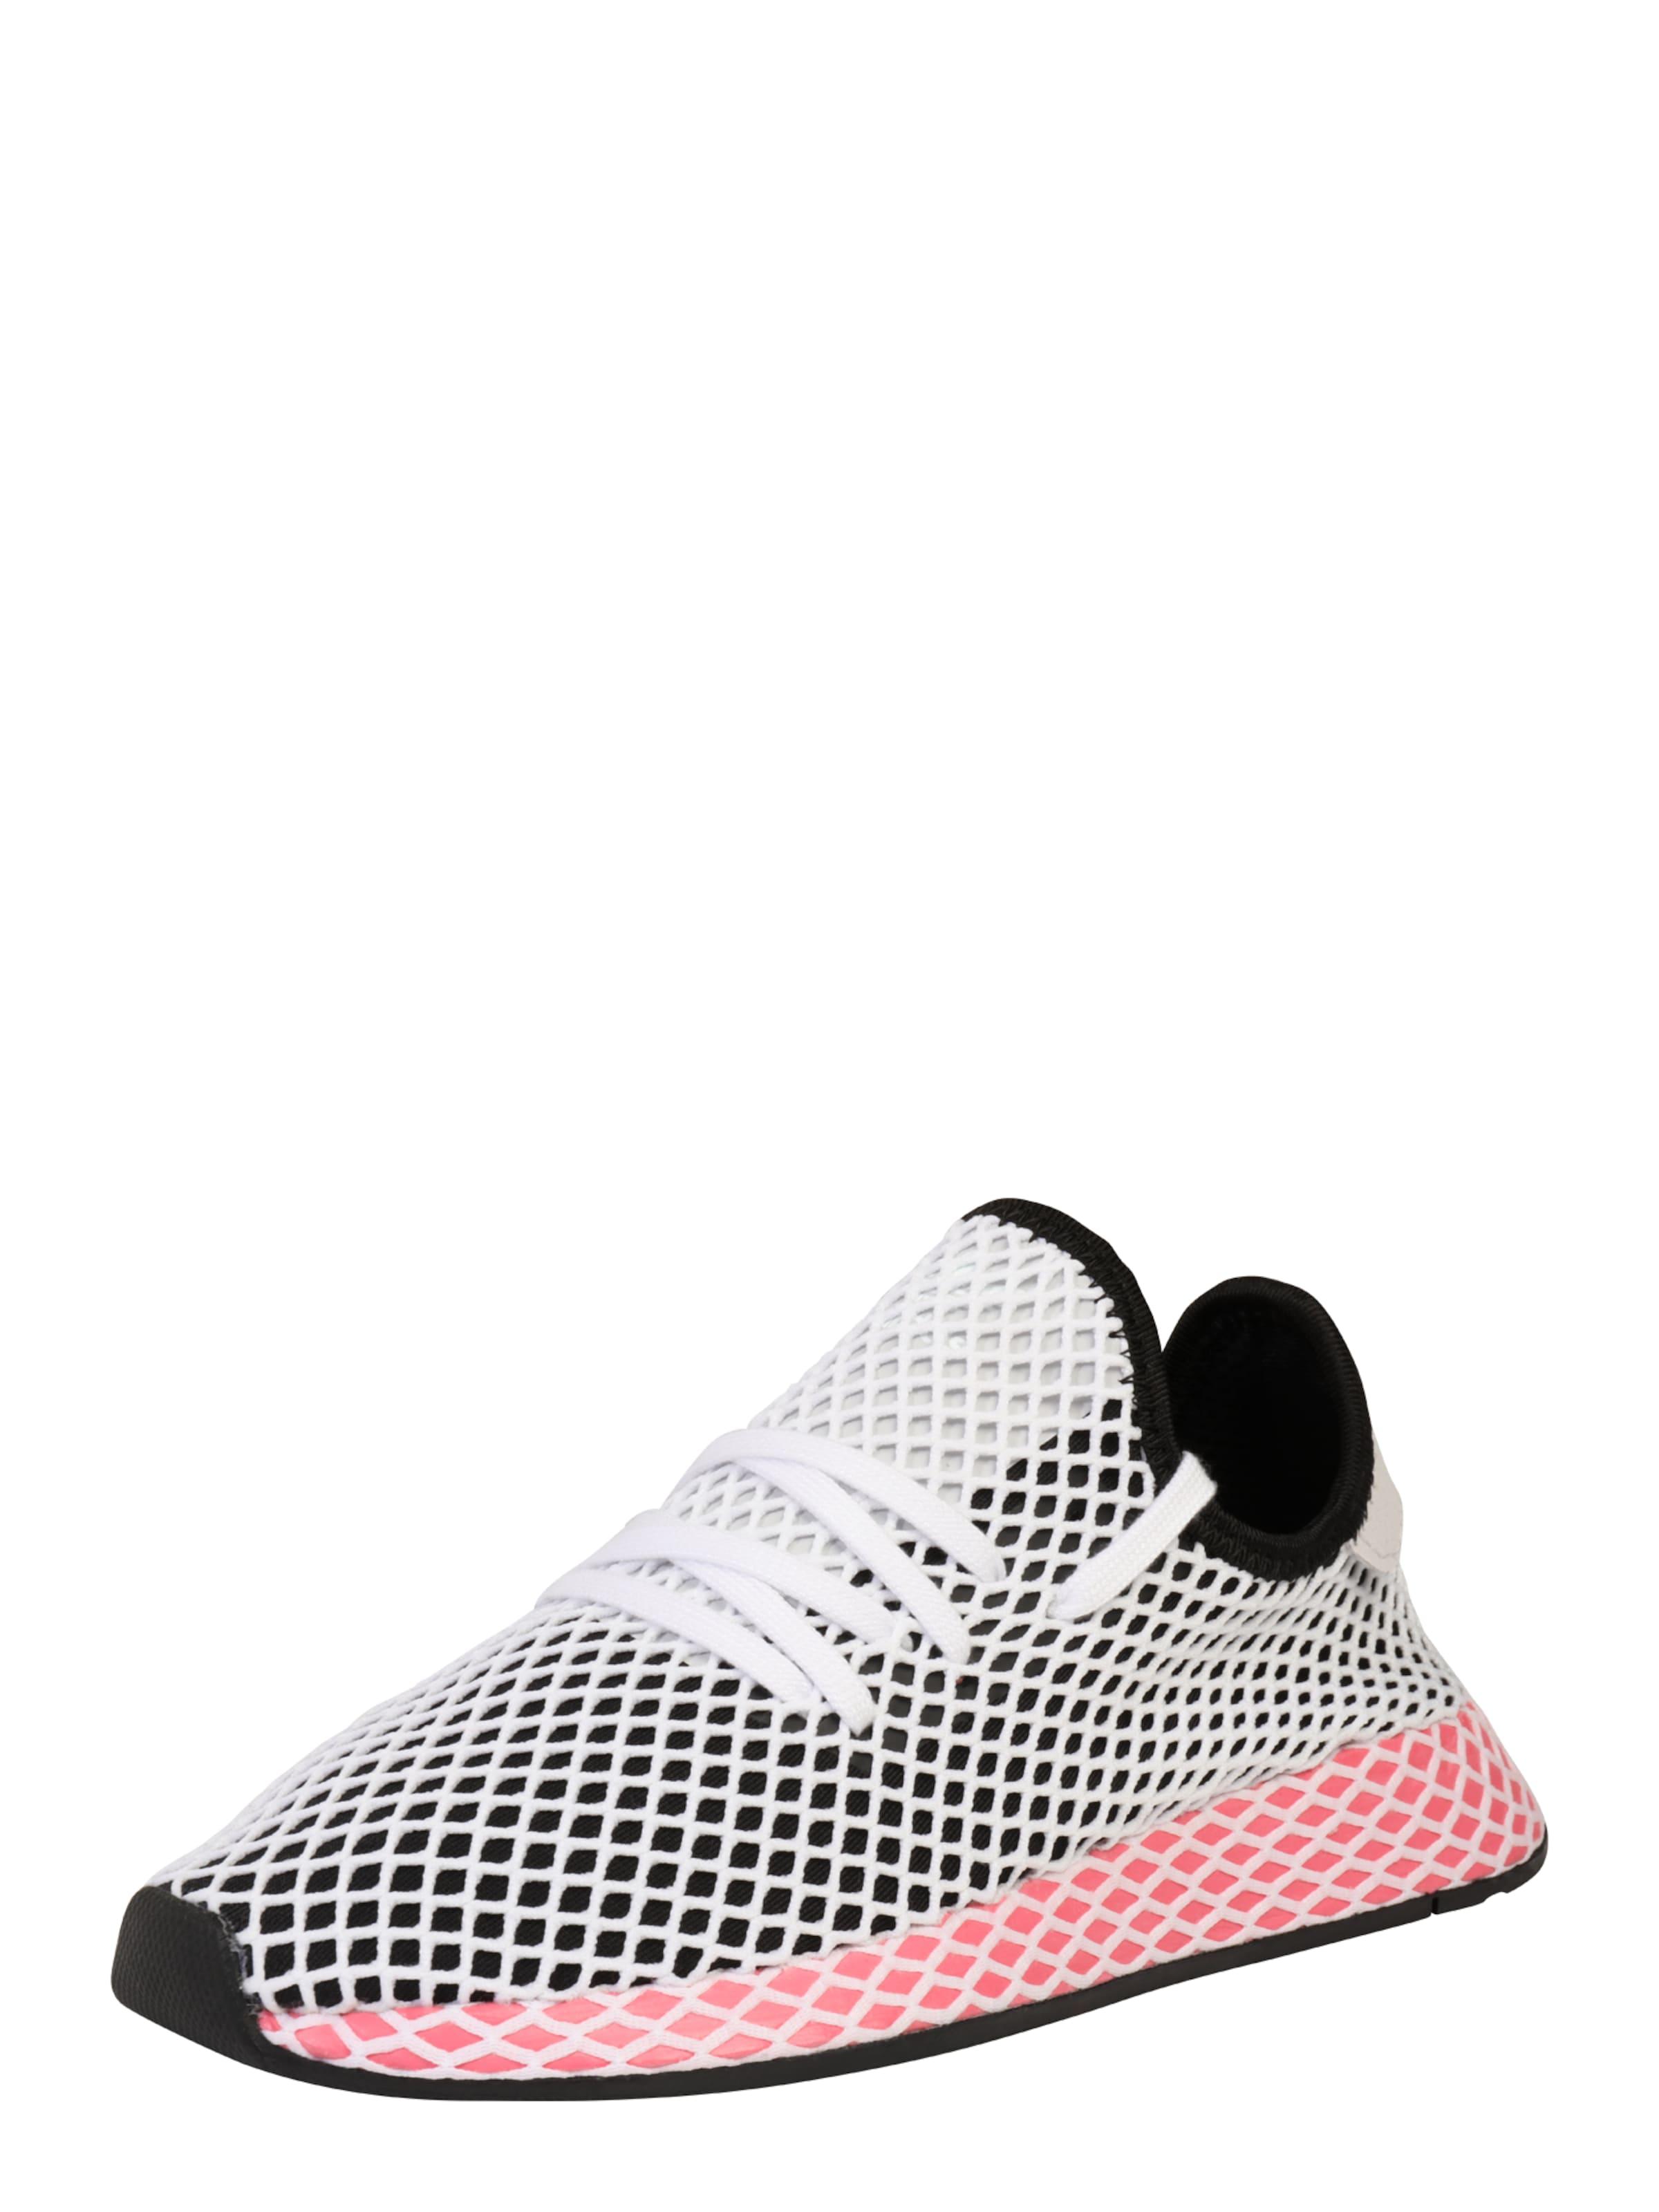 Adidas Originals Sneakers Couche Rouge Runner Deerupt / Noir / Blanc KpxaC